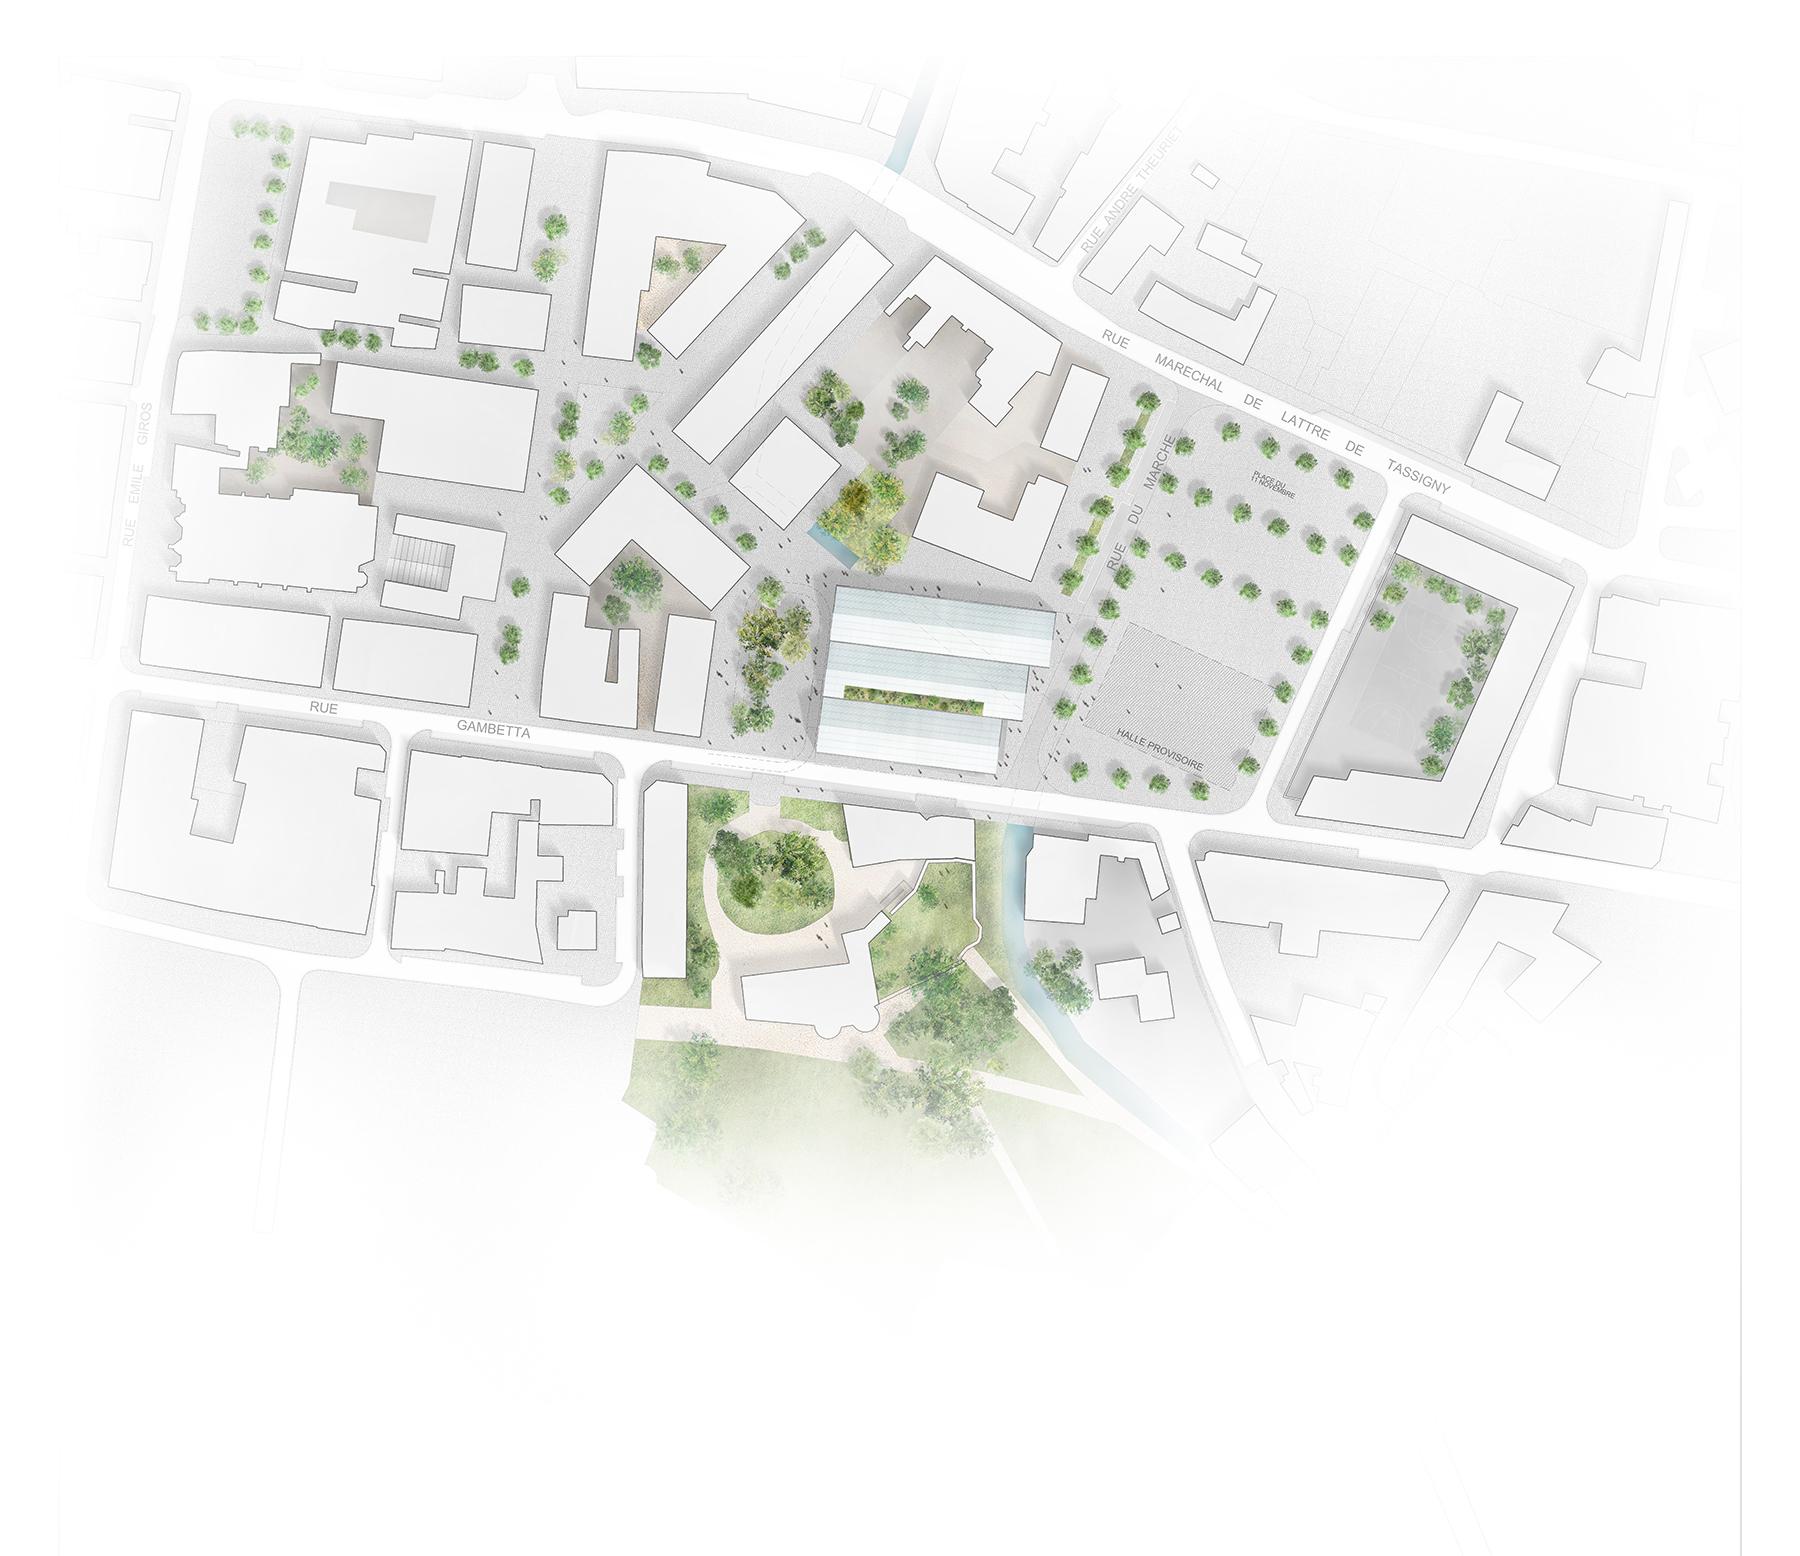 Halle-de-marche-Saint-Dizier-Atelier-Lame